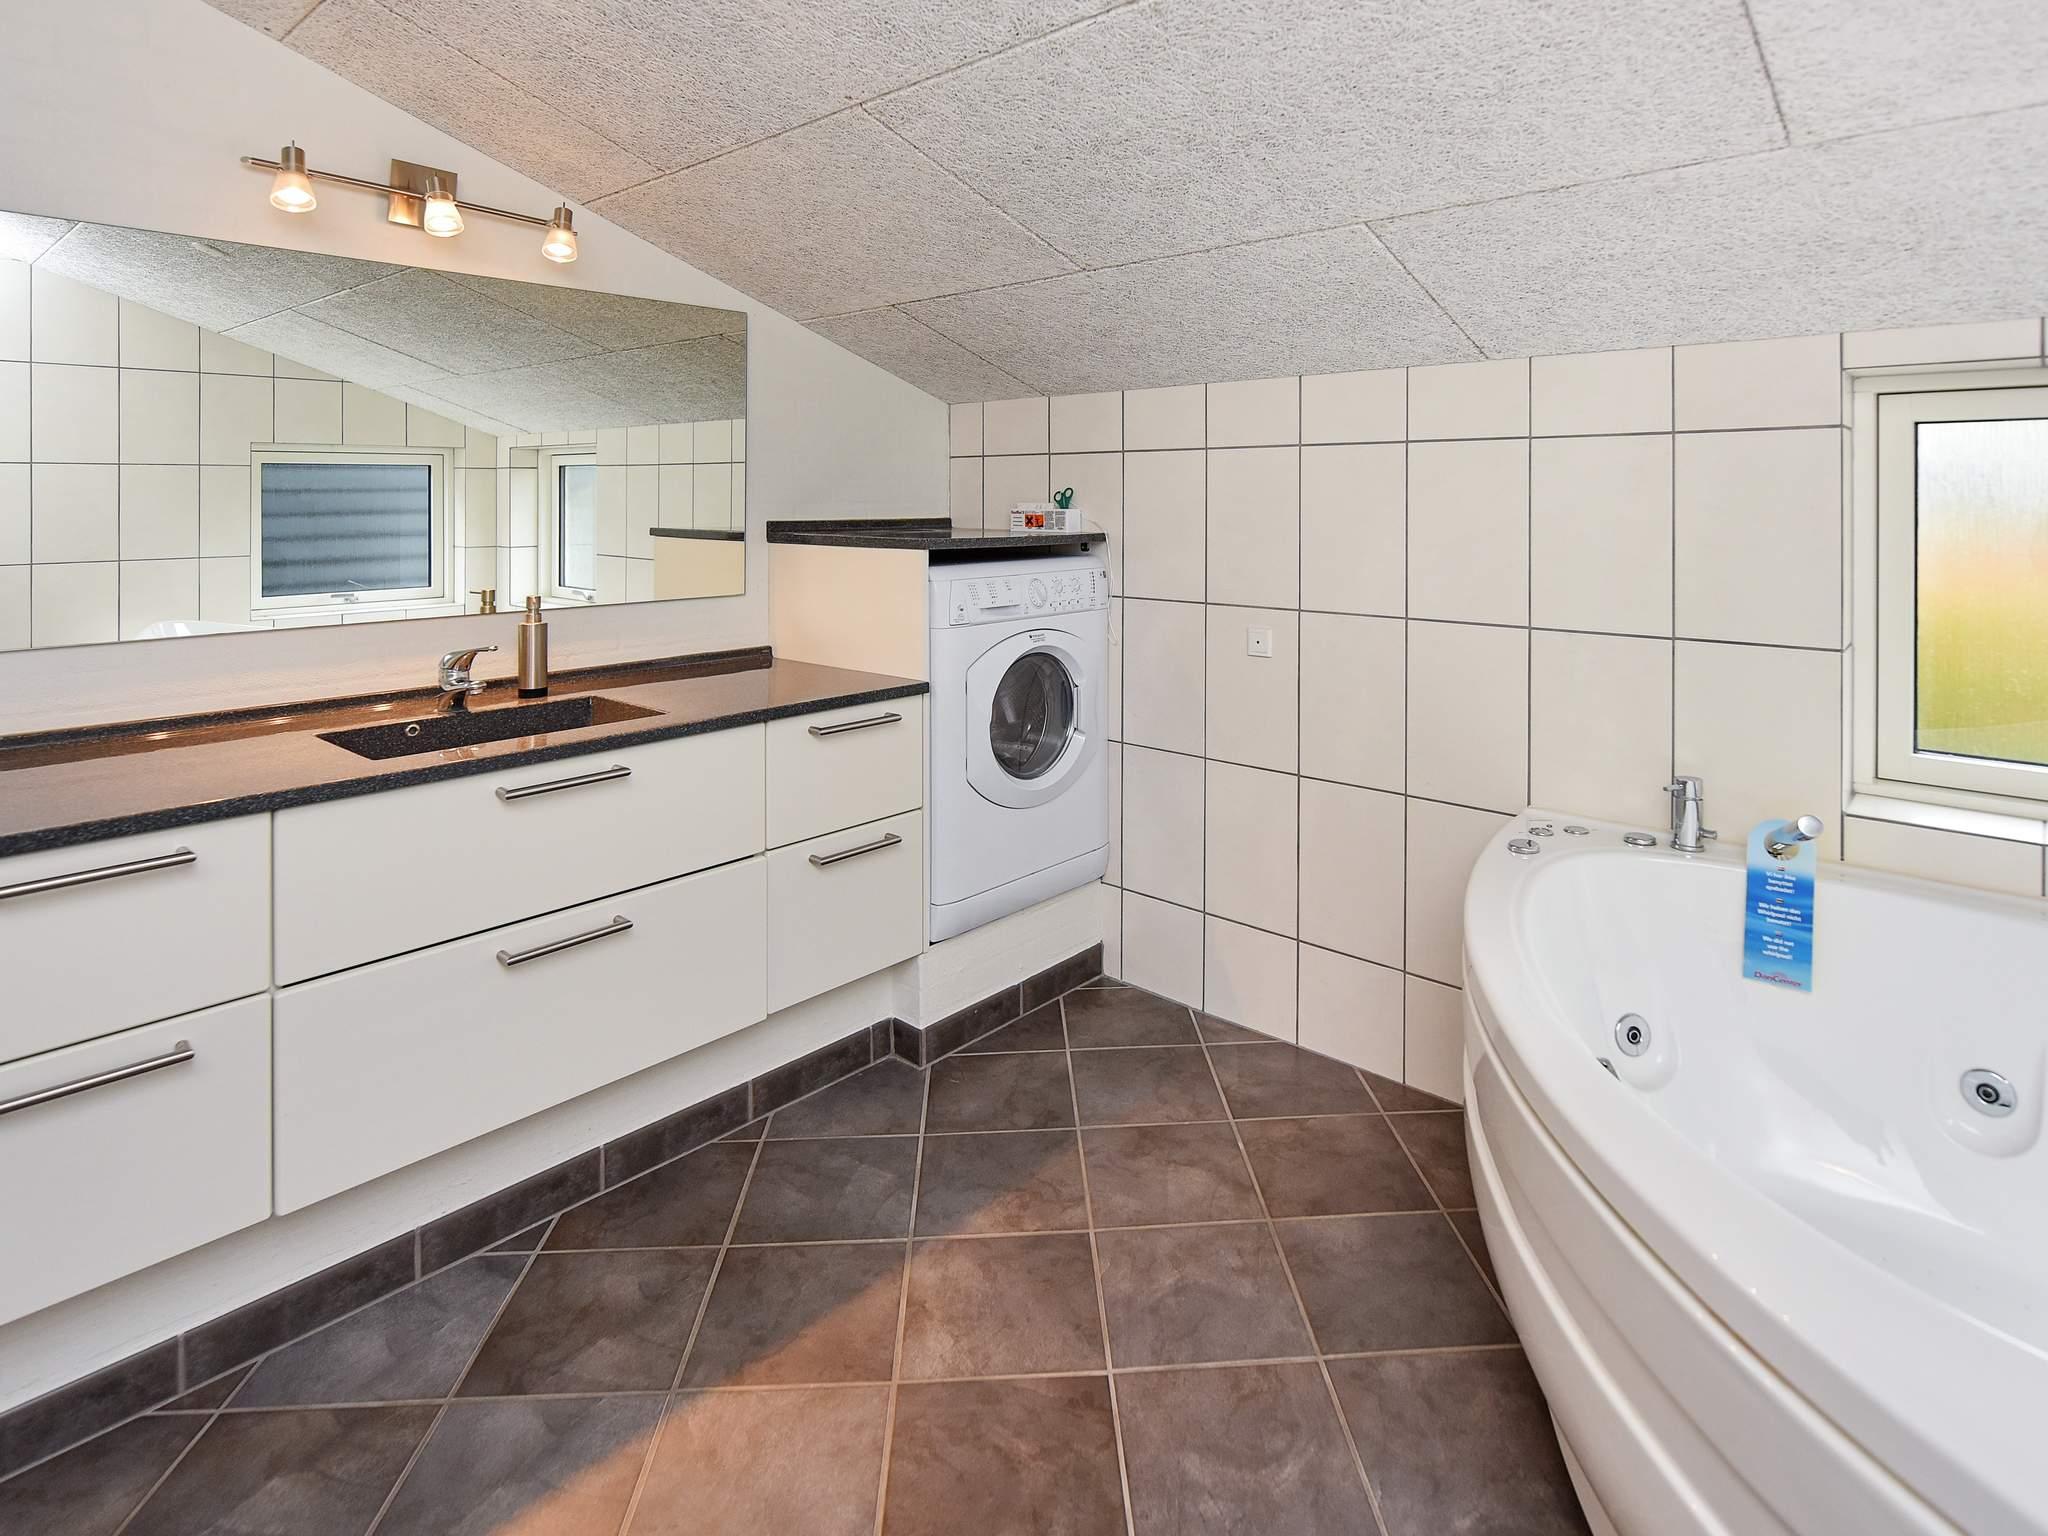 Ferienhaus Hovborg (404746), Hovborg, , Südjütland, Dänemark, Bild 14